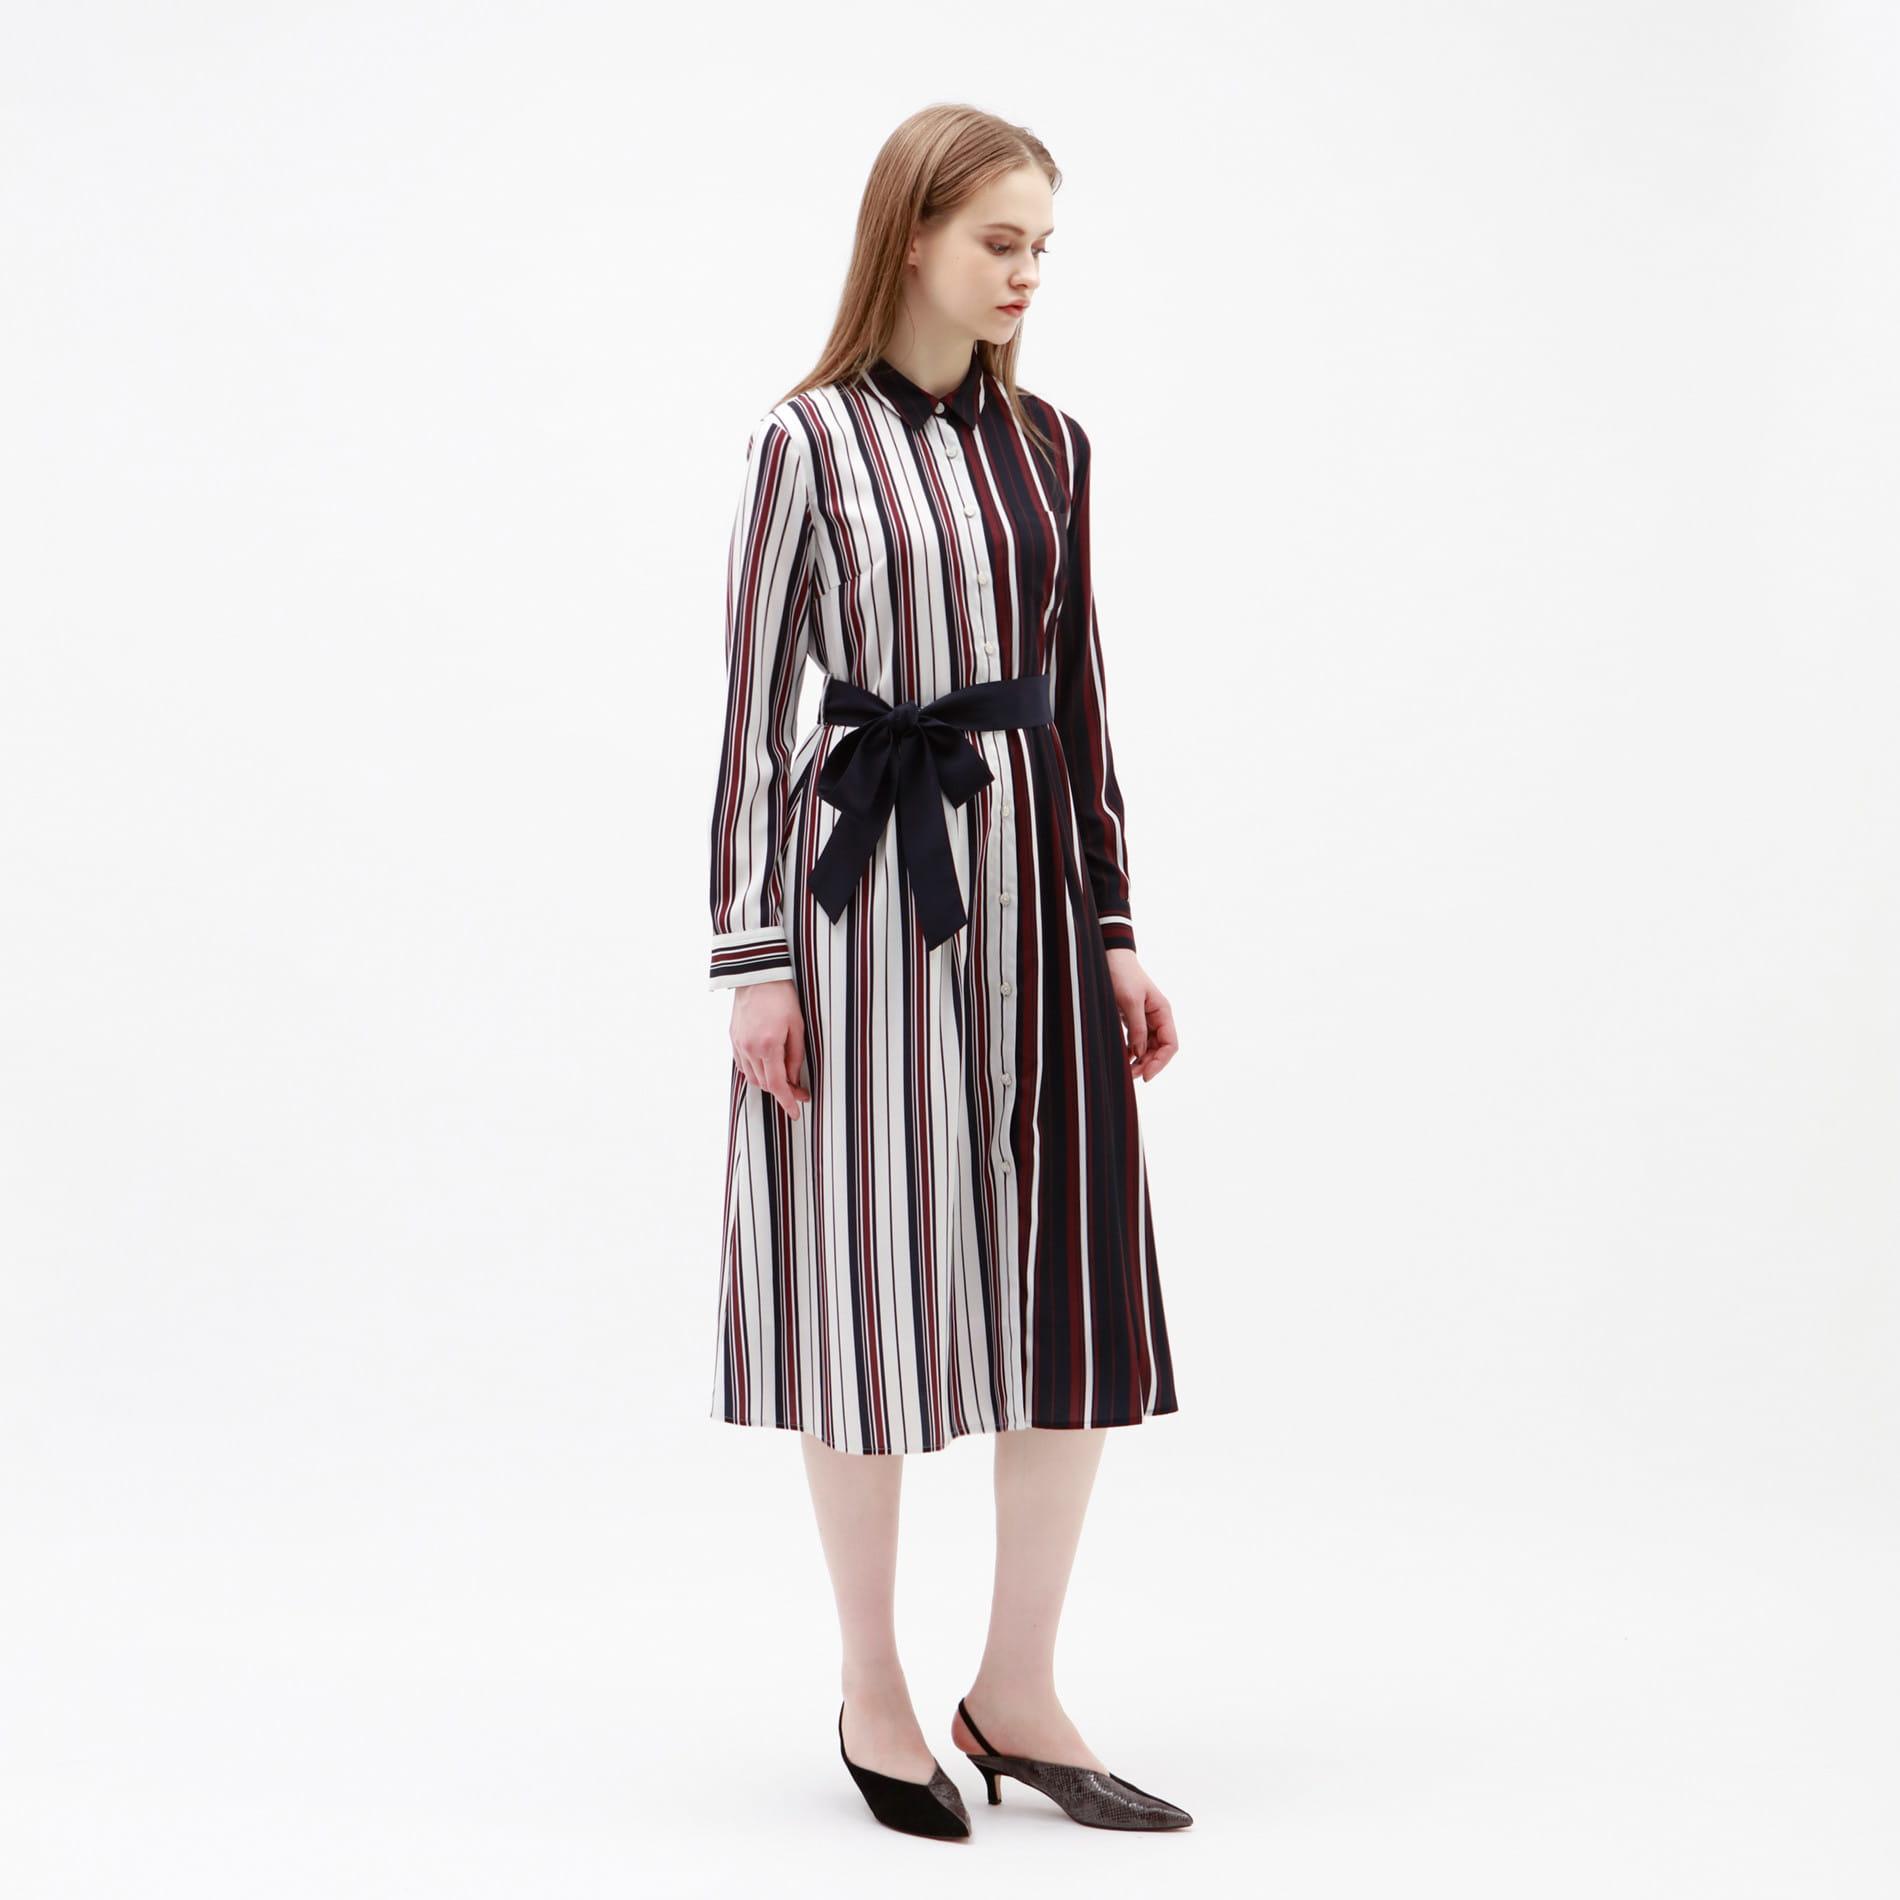 【予約販売】スプリット バイカラー ドレス